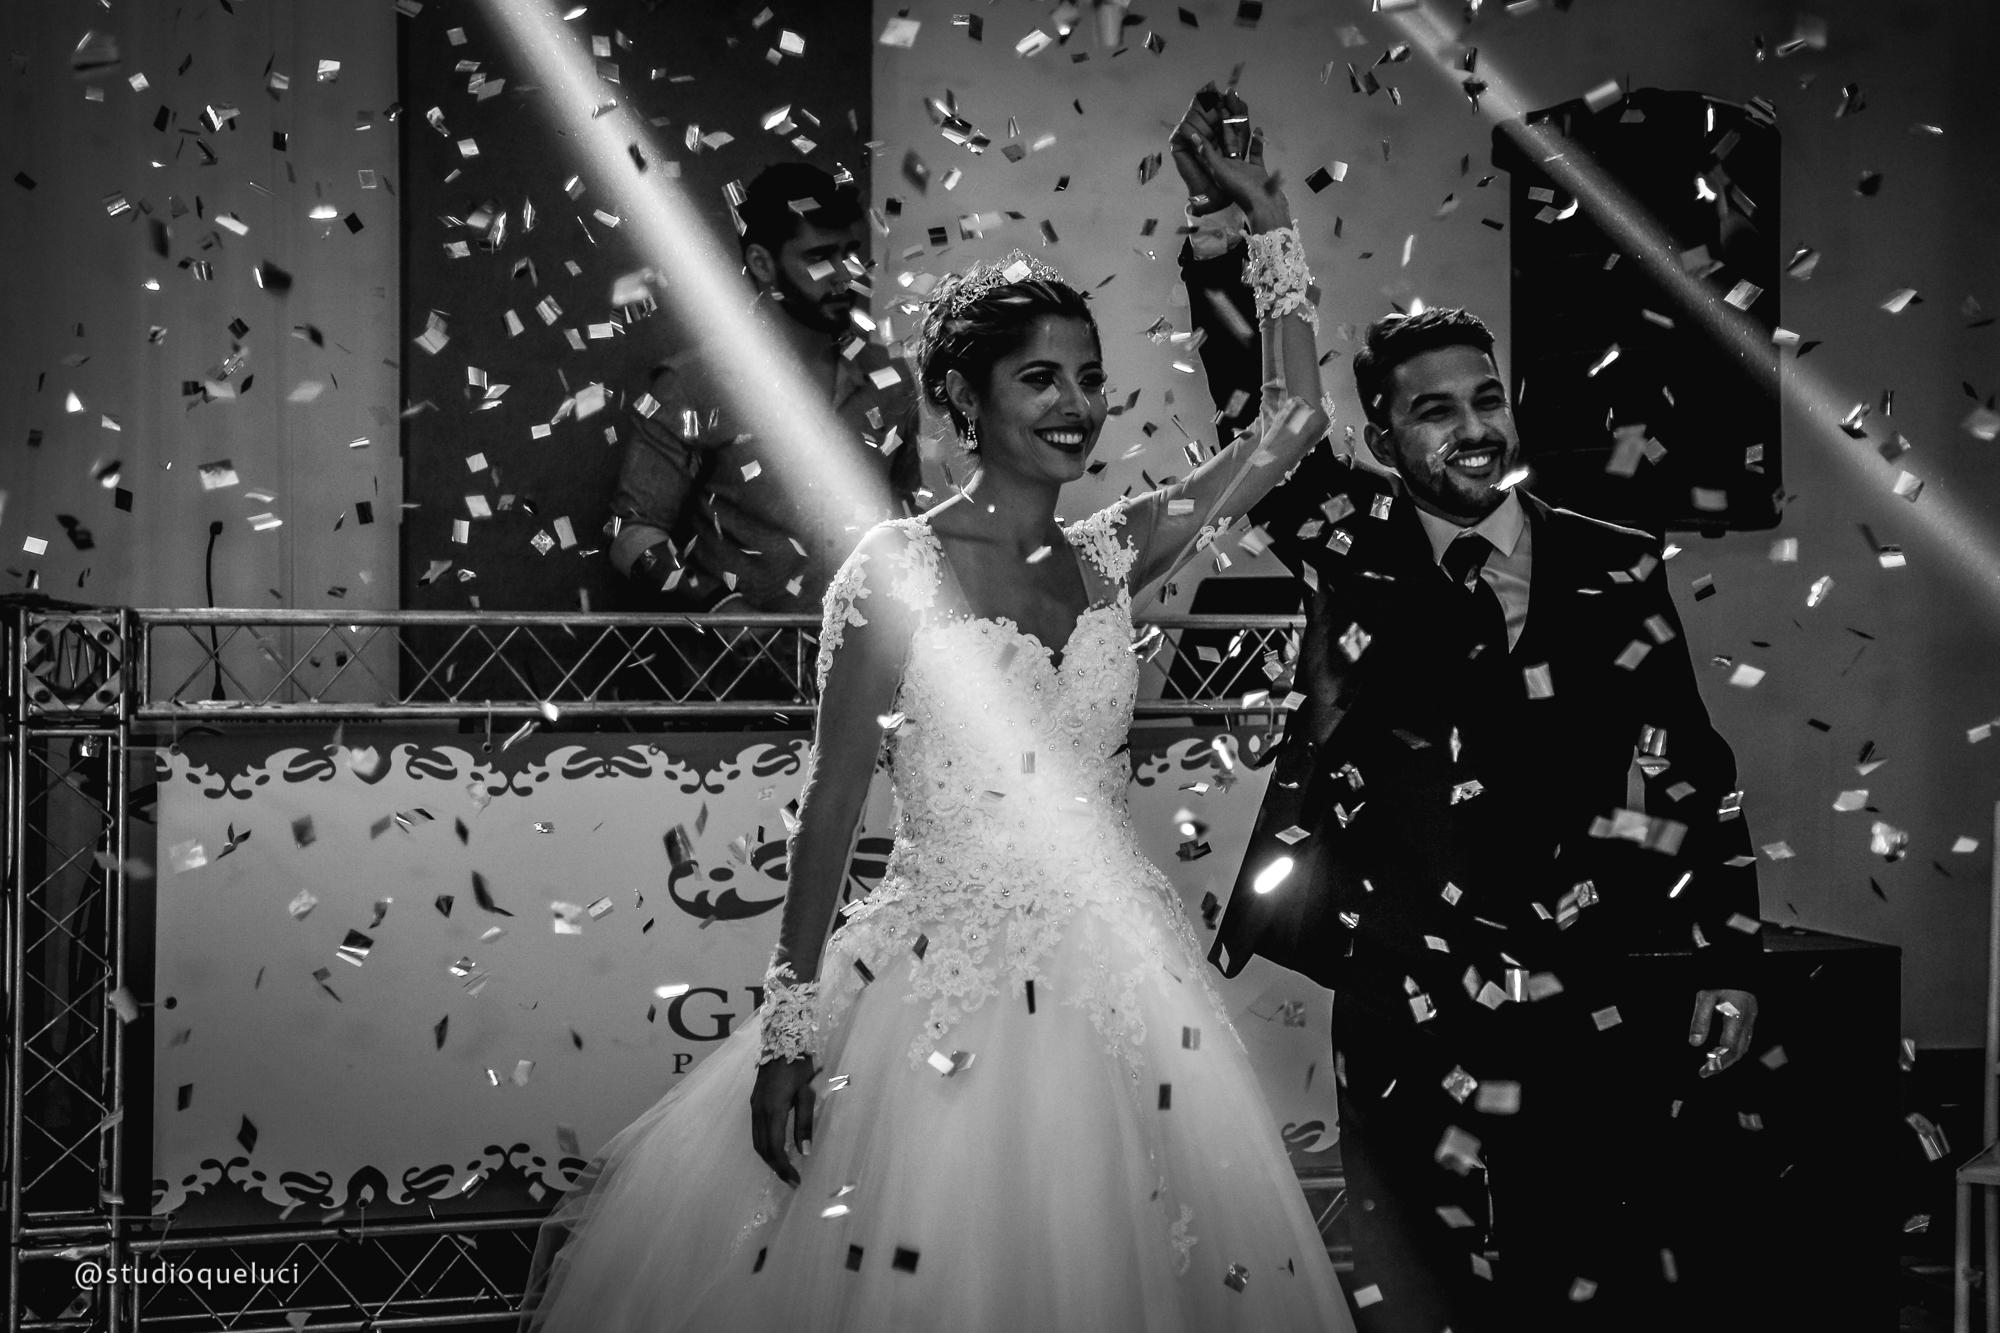 fotografo de casamento rio de janeiro (10)